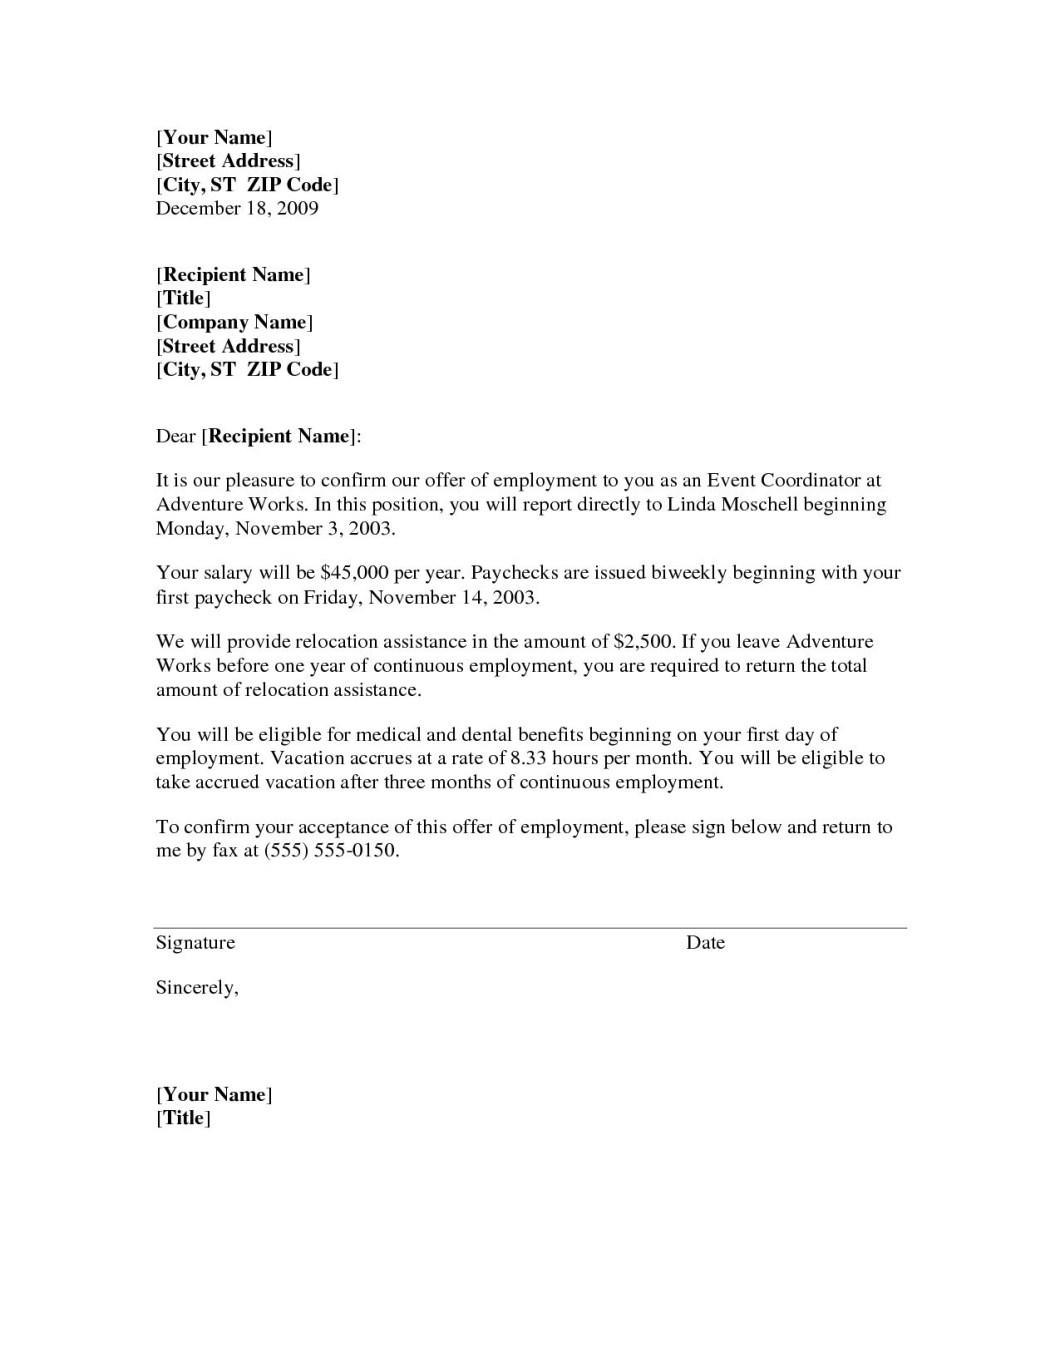 Employer Job Transfer Letter Sample   Bestletters co